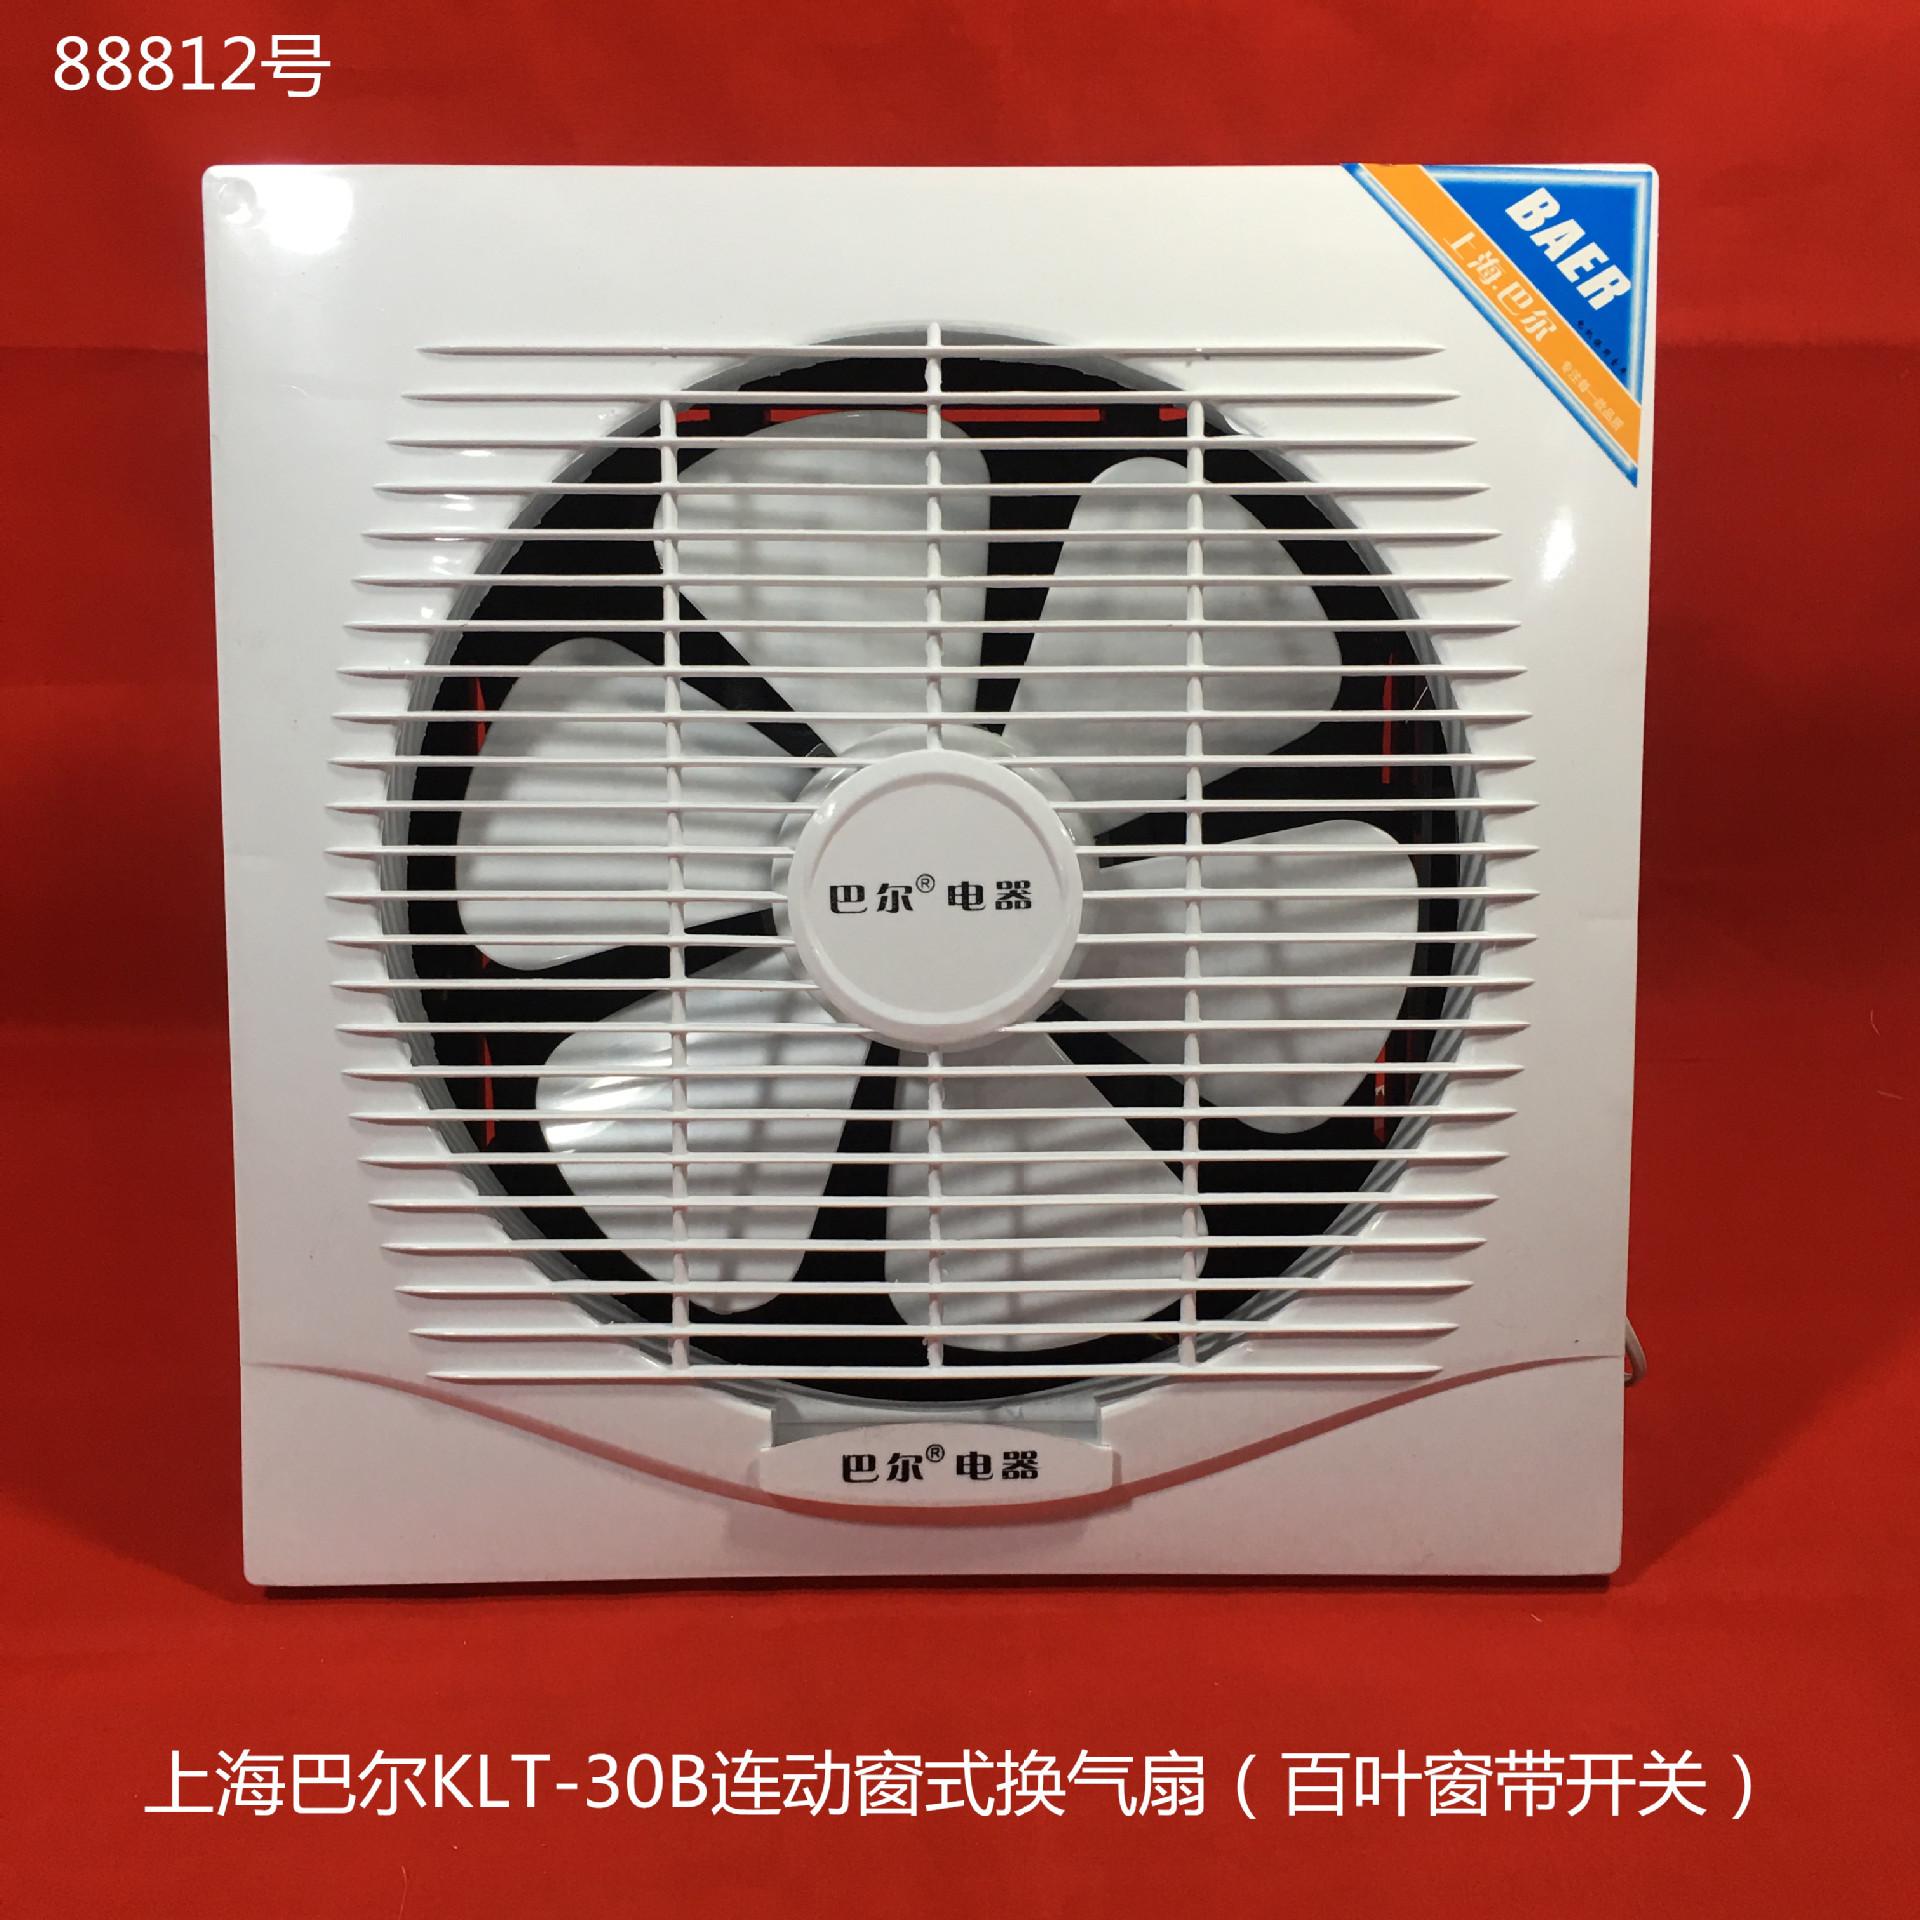 上海巴尔KLT-30B连动窗式换气扇(百叶窗带开关)88812号 2kg